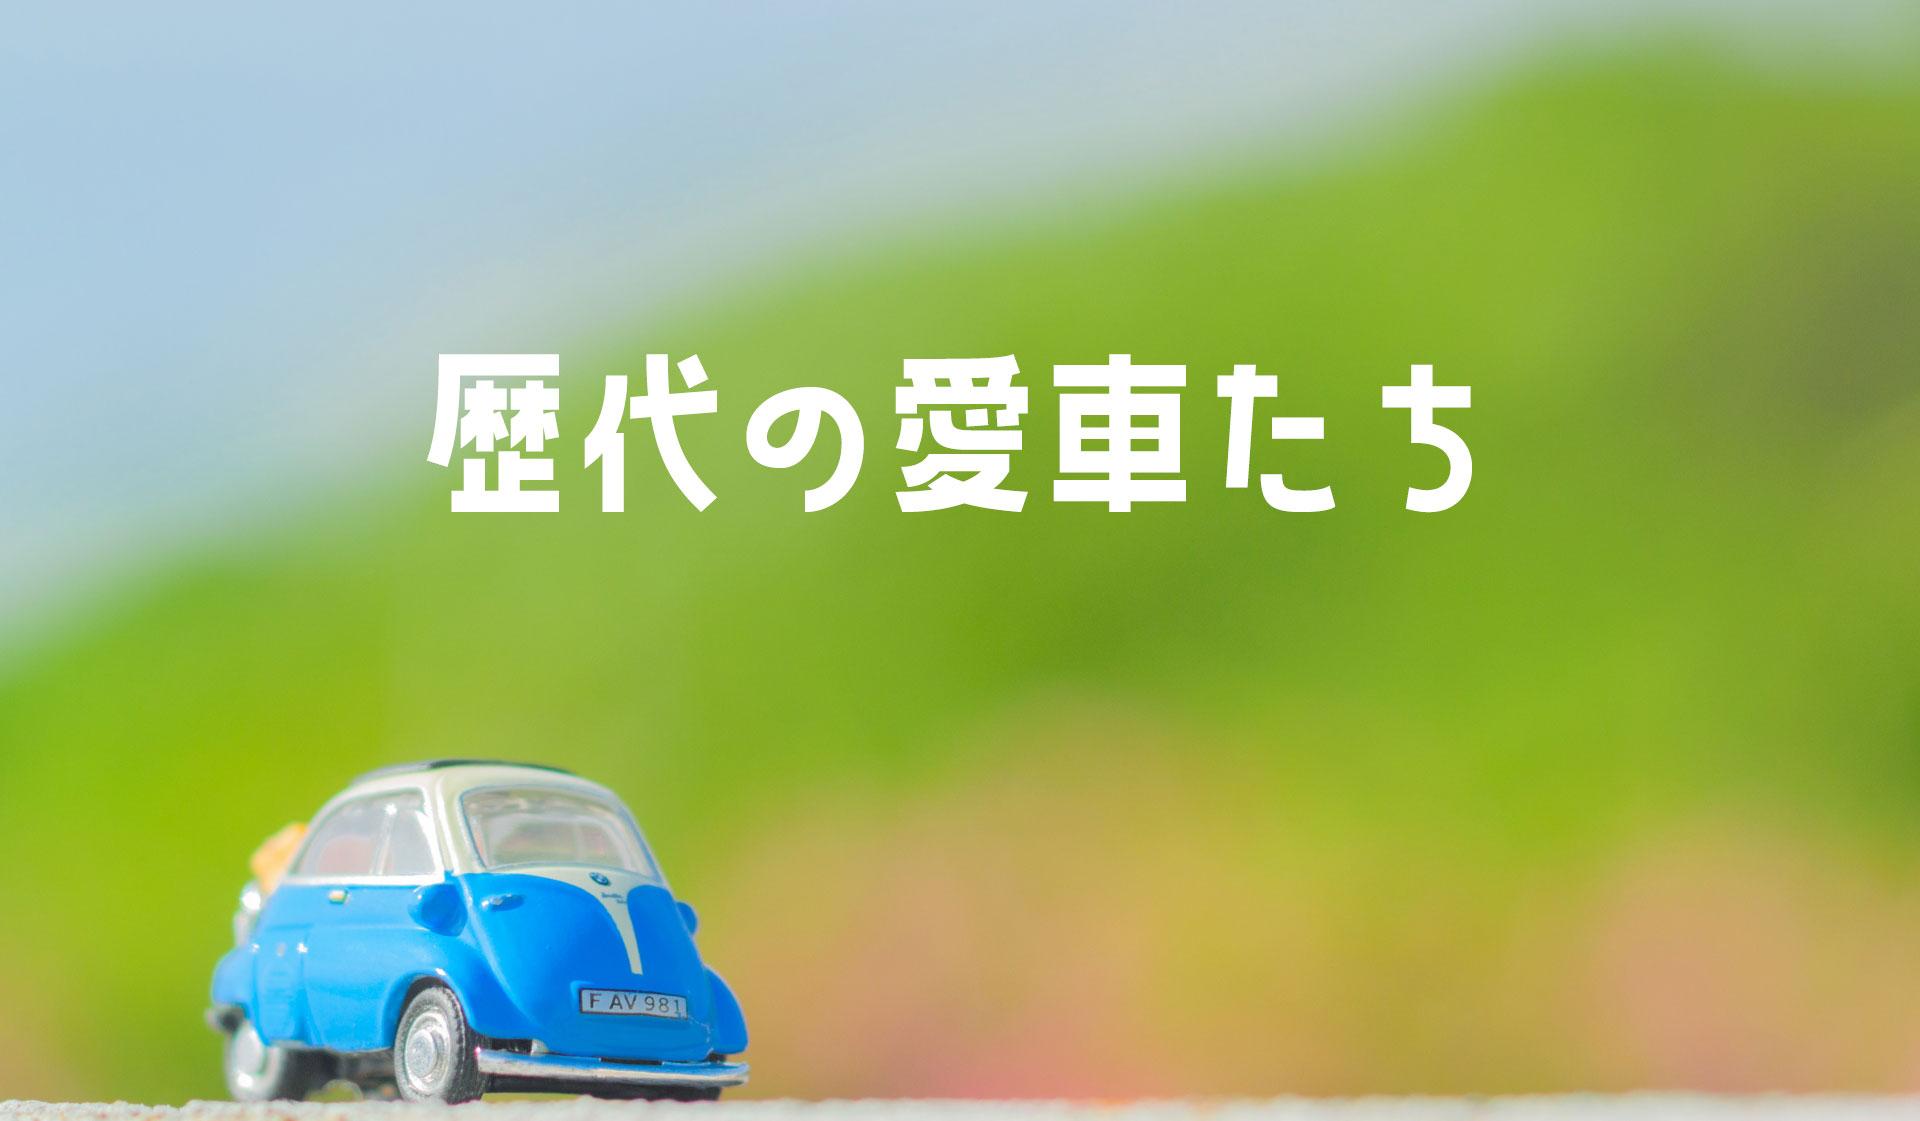 【昭和・平成の旧車たち】歴代の愛車を総括してみた。